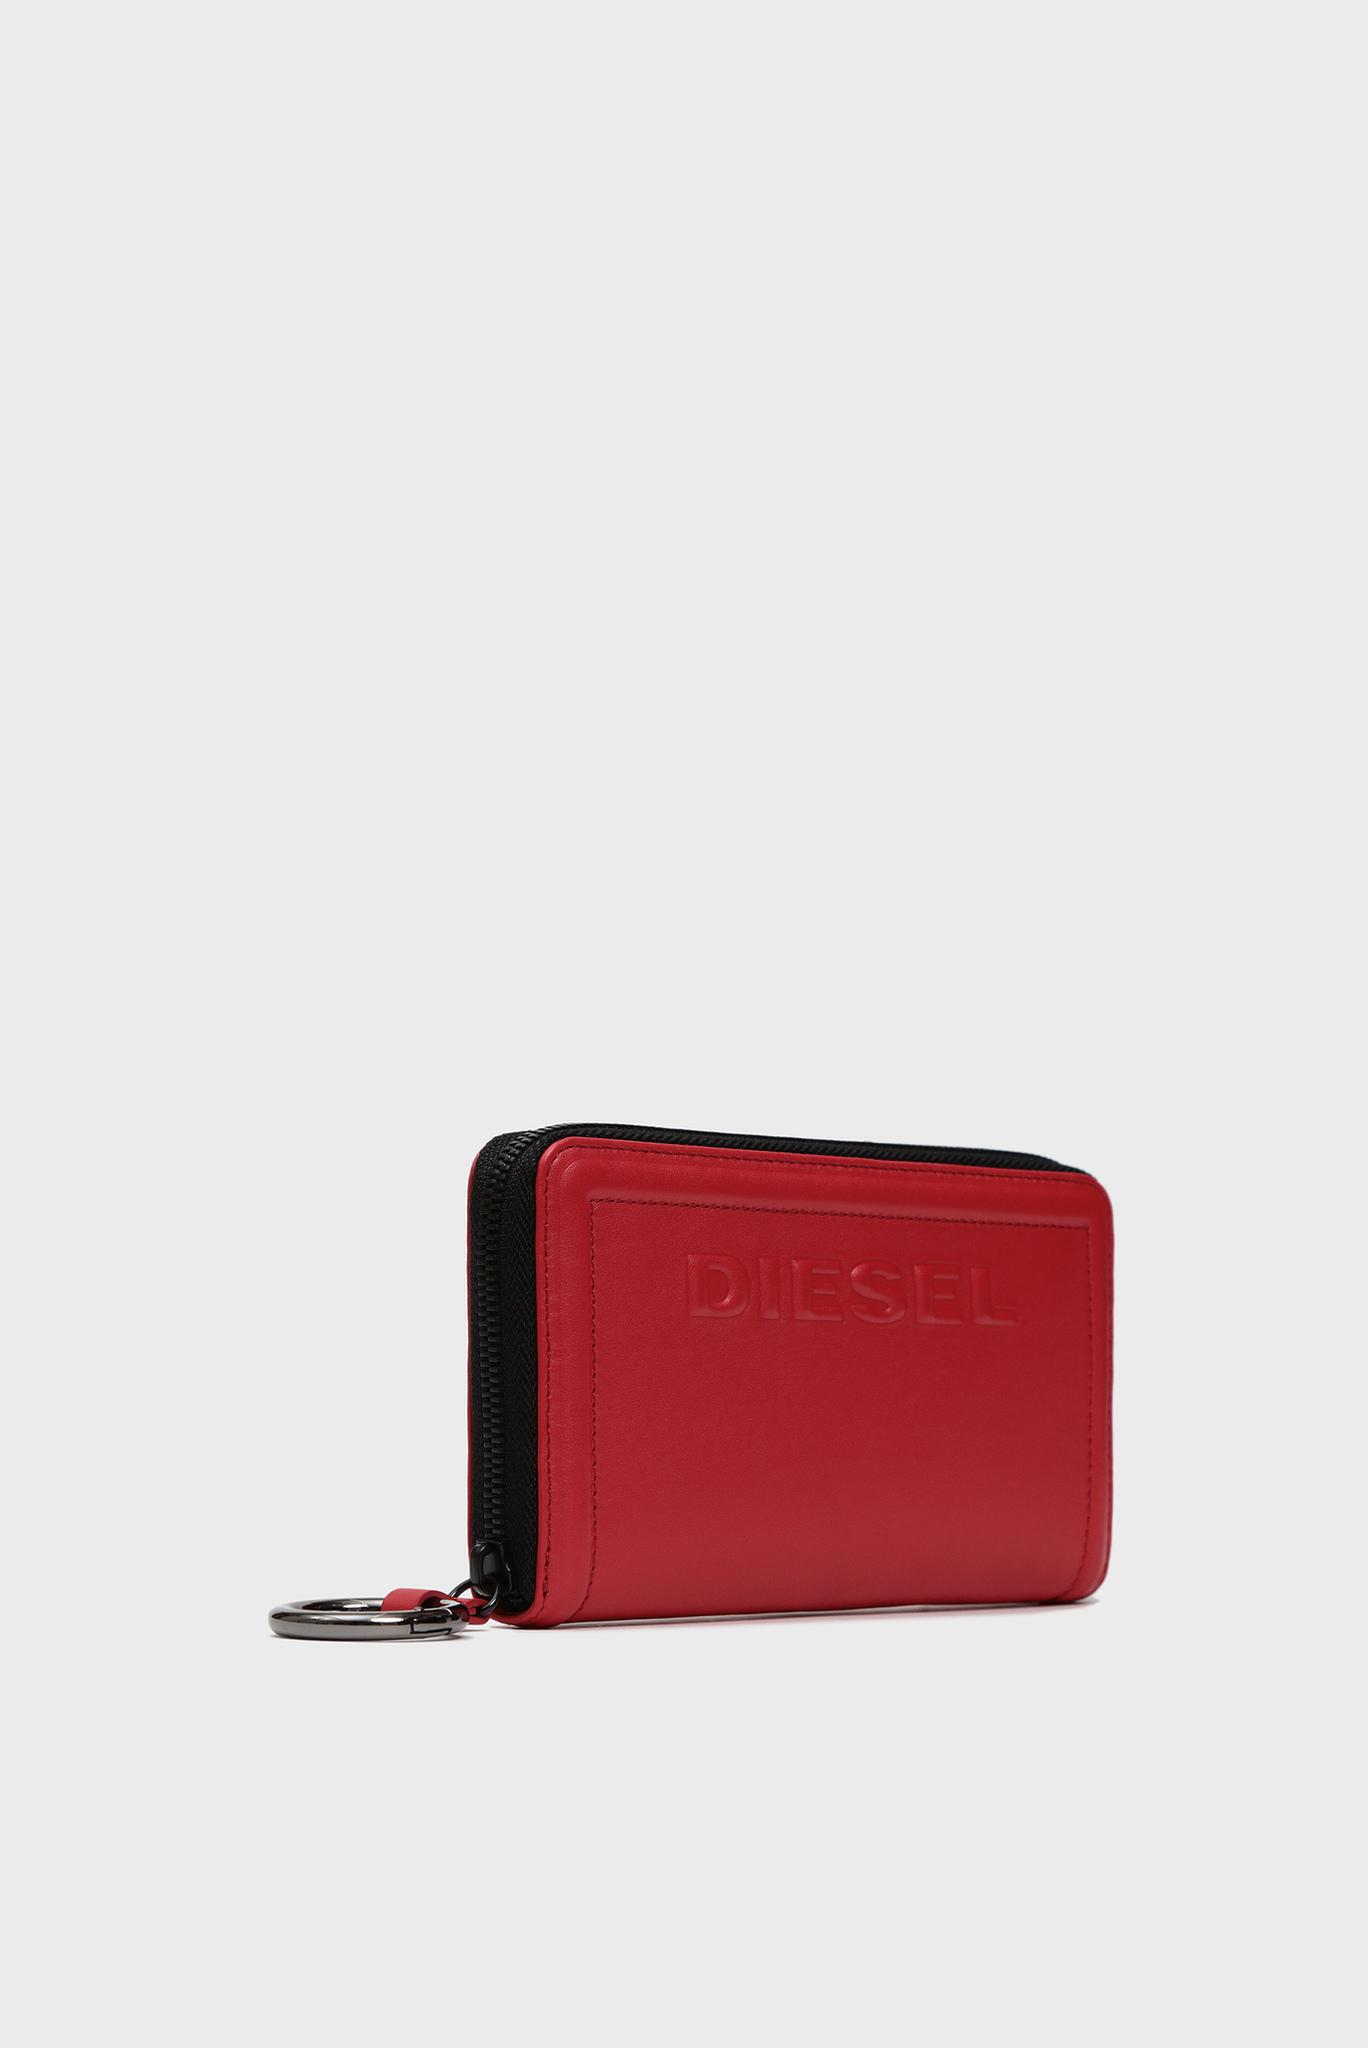 Женский красный кожаный кошелек KUB8 / GRANATO LC Diesel